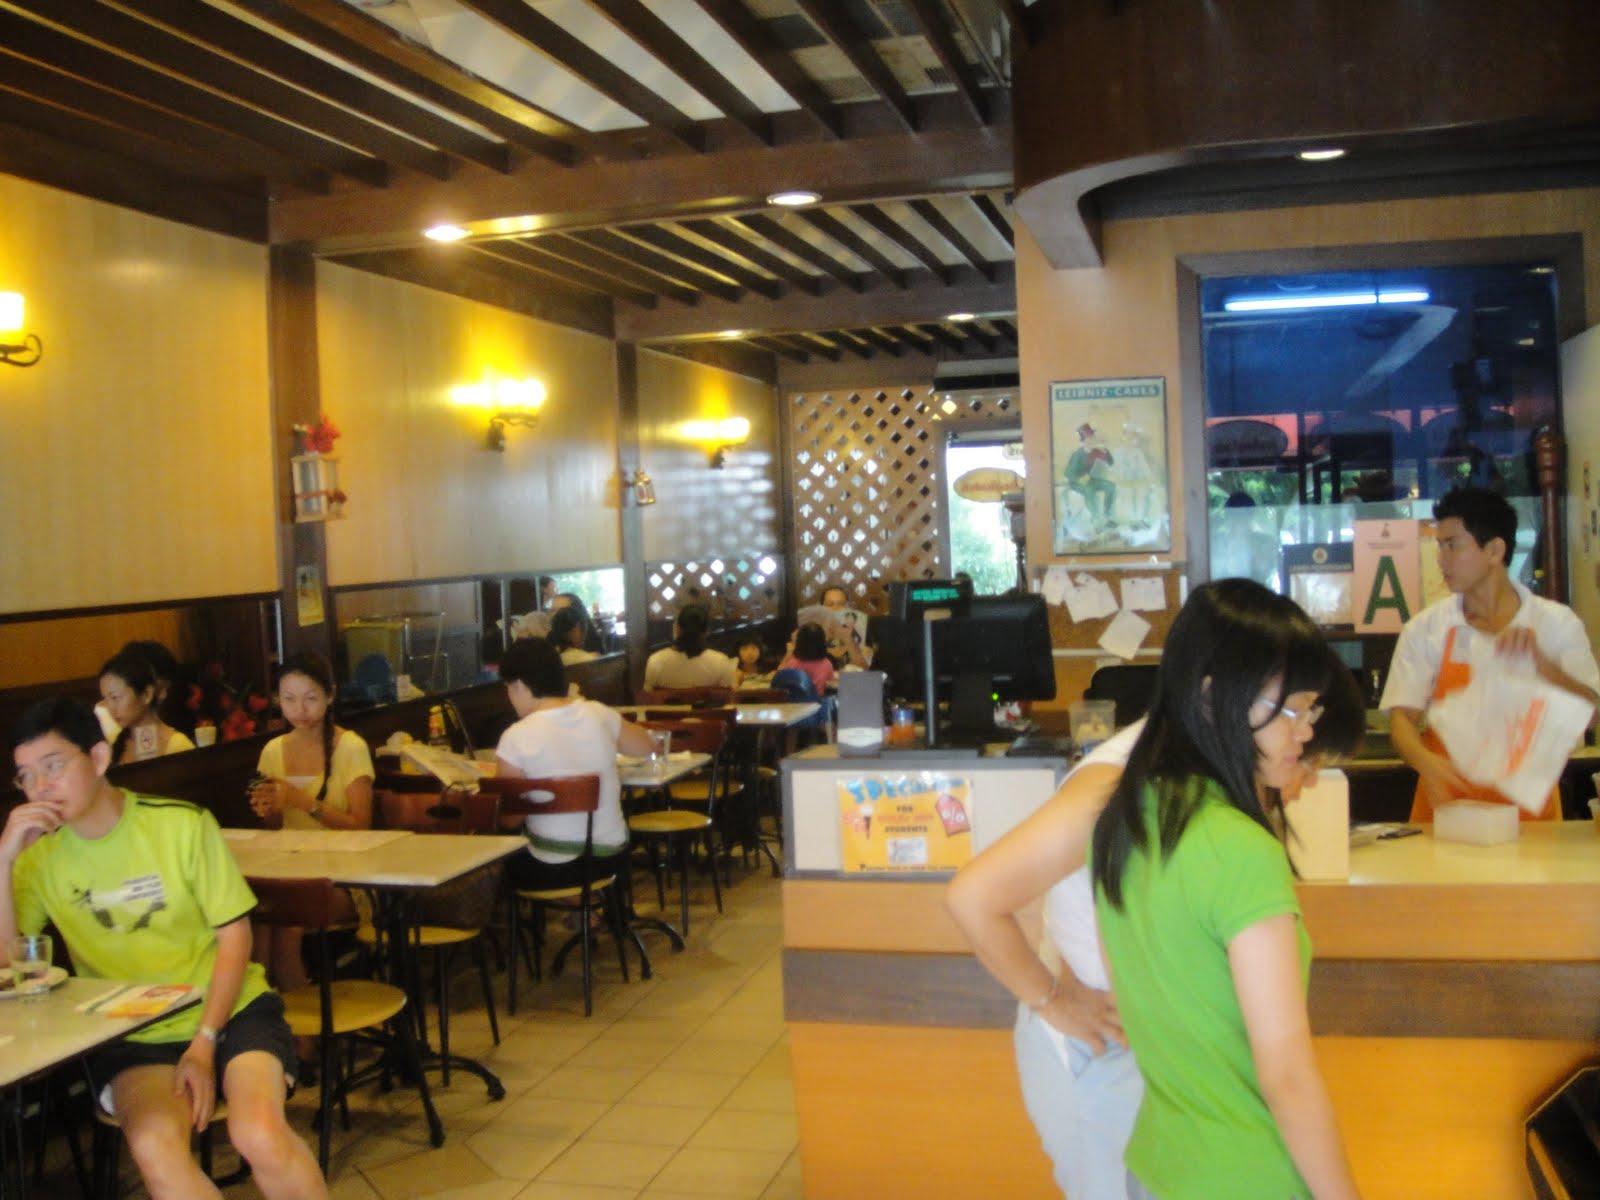 Ben In Brisbane Backofen, Desa Sri Hartamas ~ Backofen Restaurant Sri Hartamas